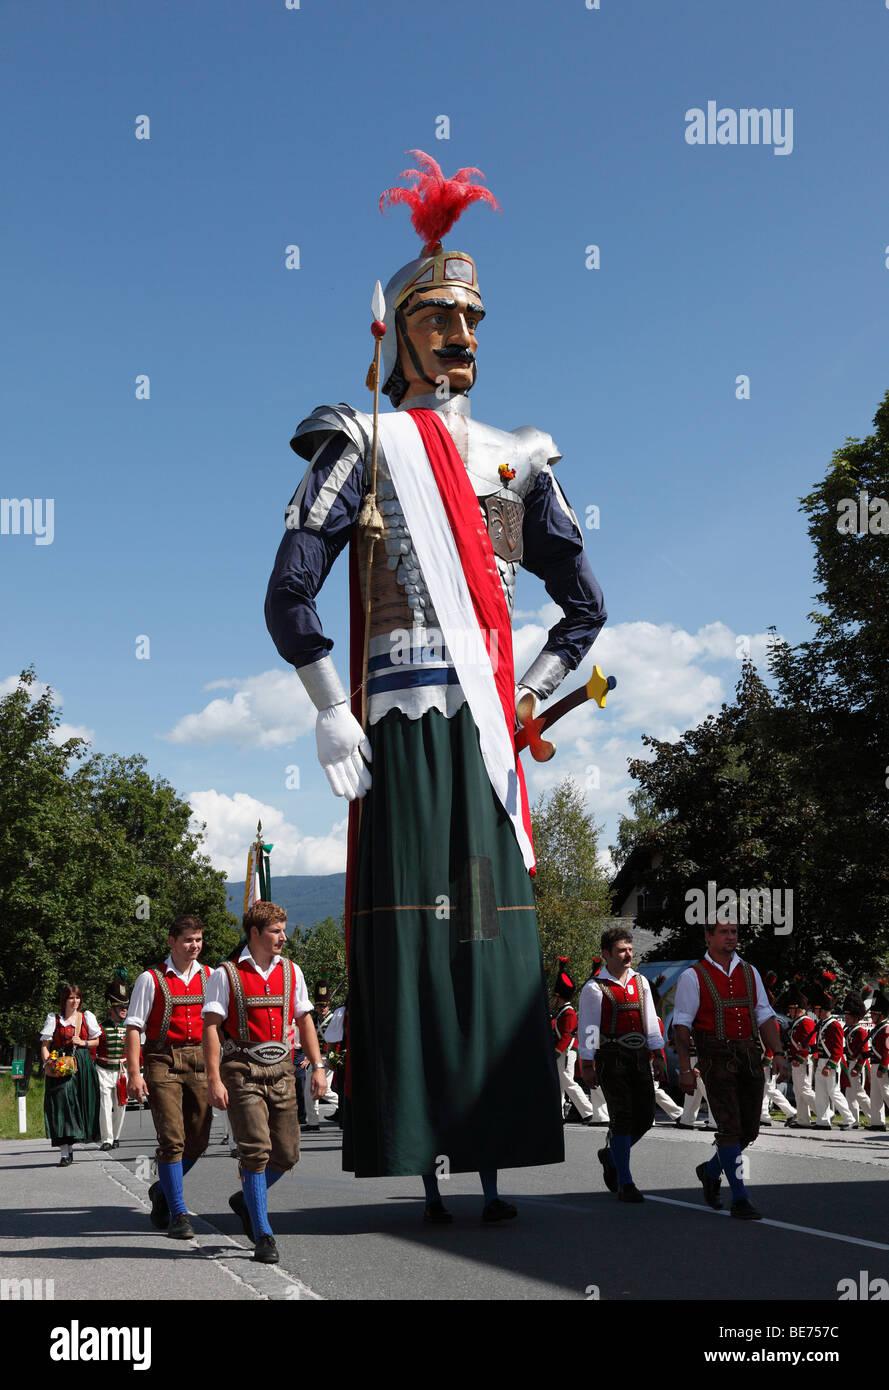 Samson, Samson-Parade in Mariapfarr, Lungau, Salzburg, Salzburg, Österreich, Europa Stockbild